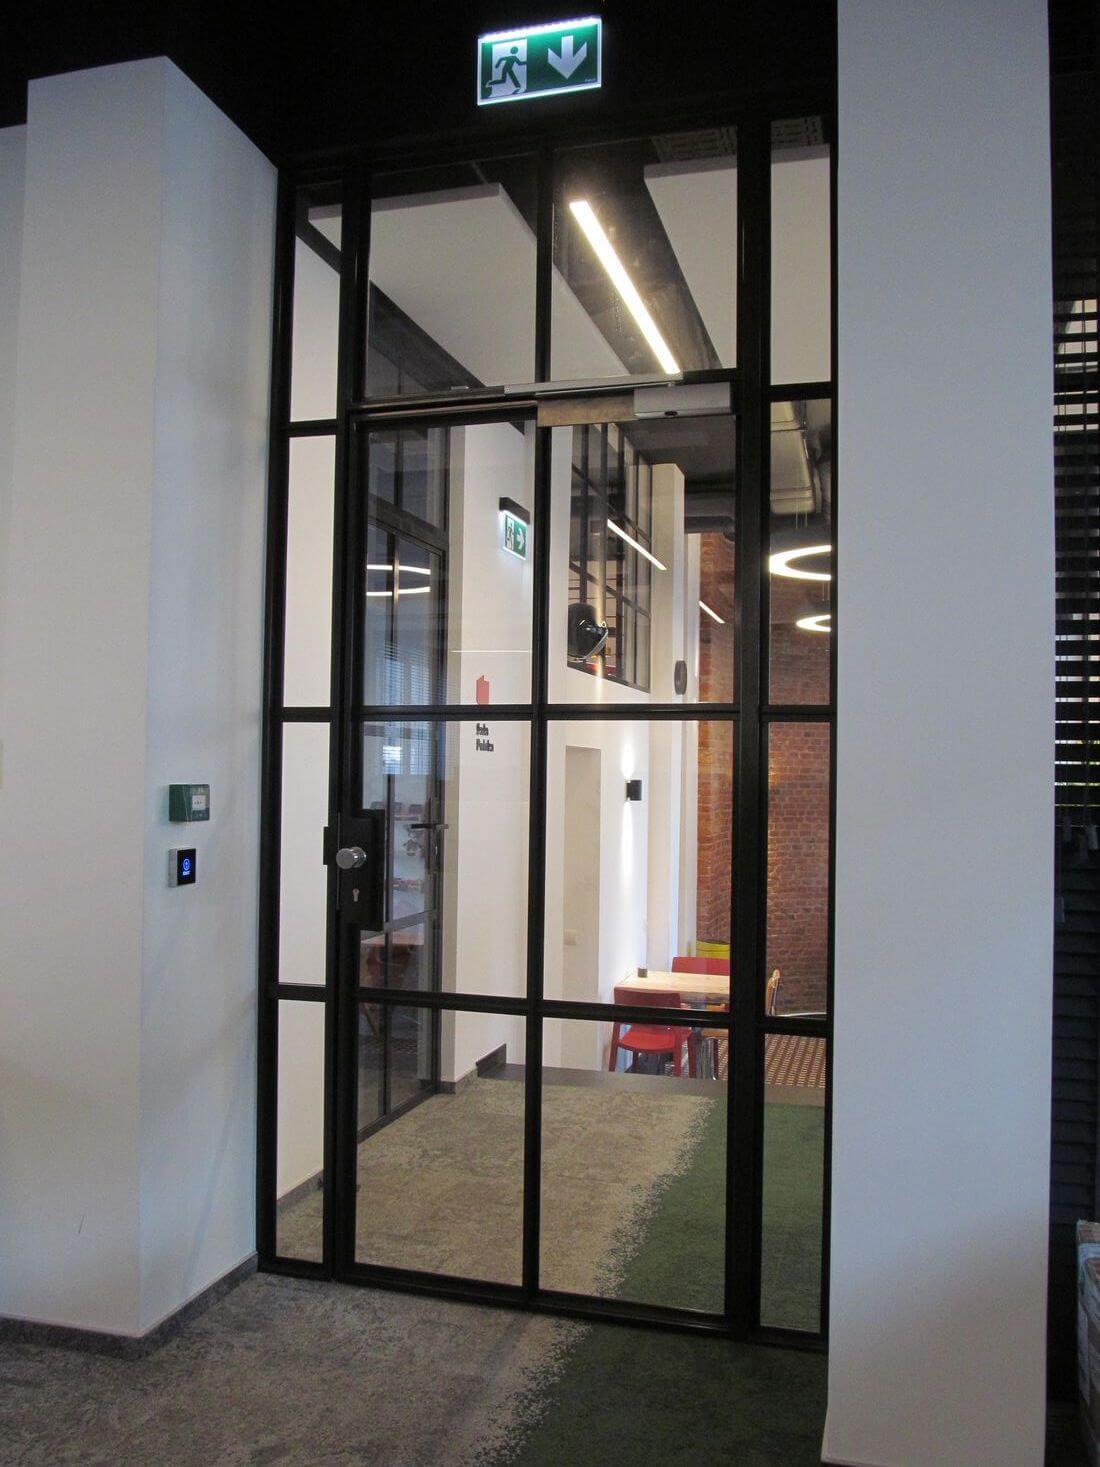 Drzwi Loftowe Industrialne Uchylne Szklane przezroczyste w biurze EIP z przeszkloną ramą otaczającą drzwi